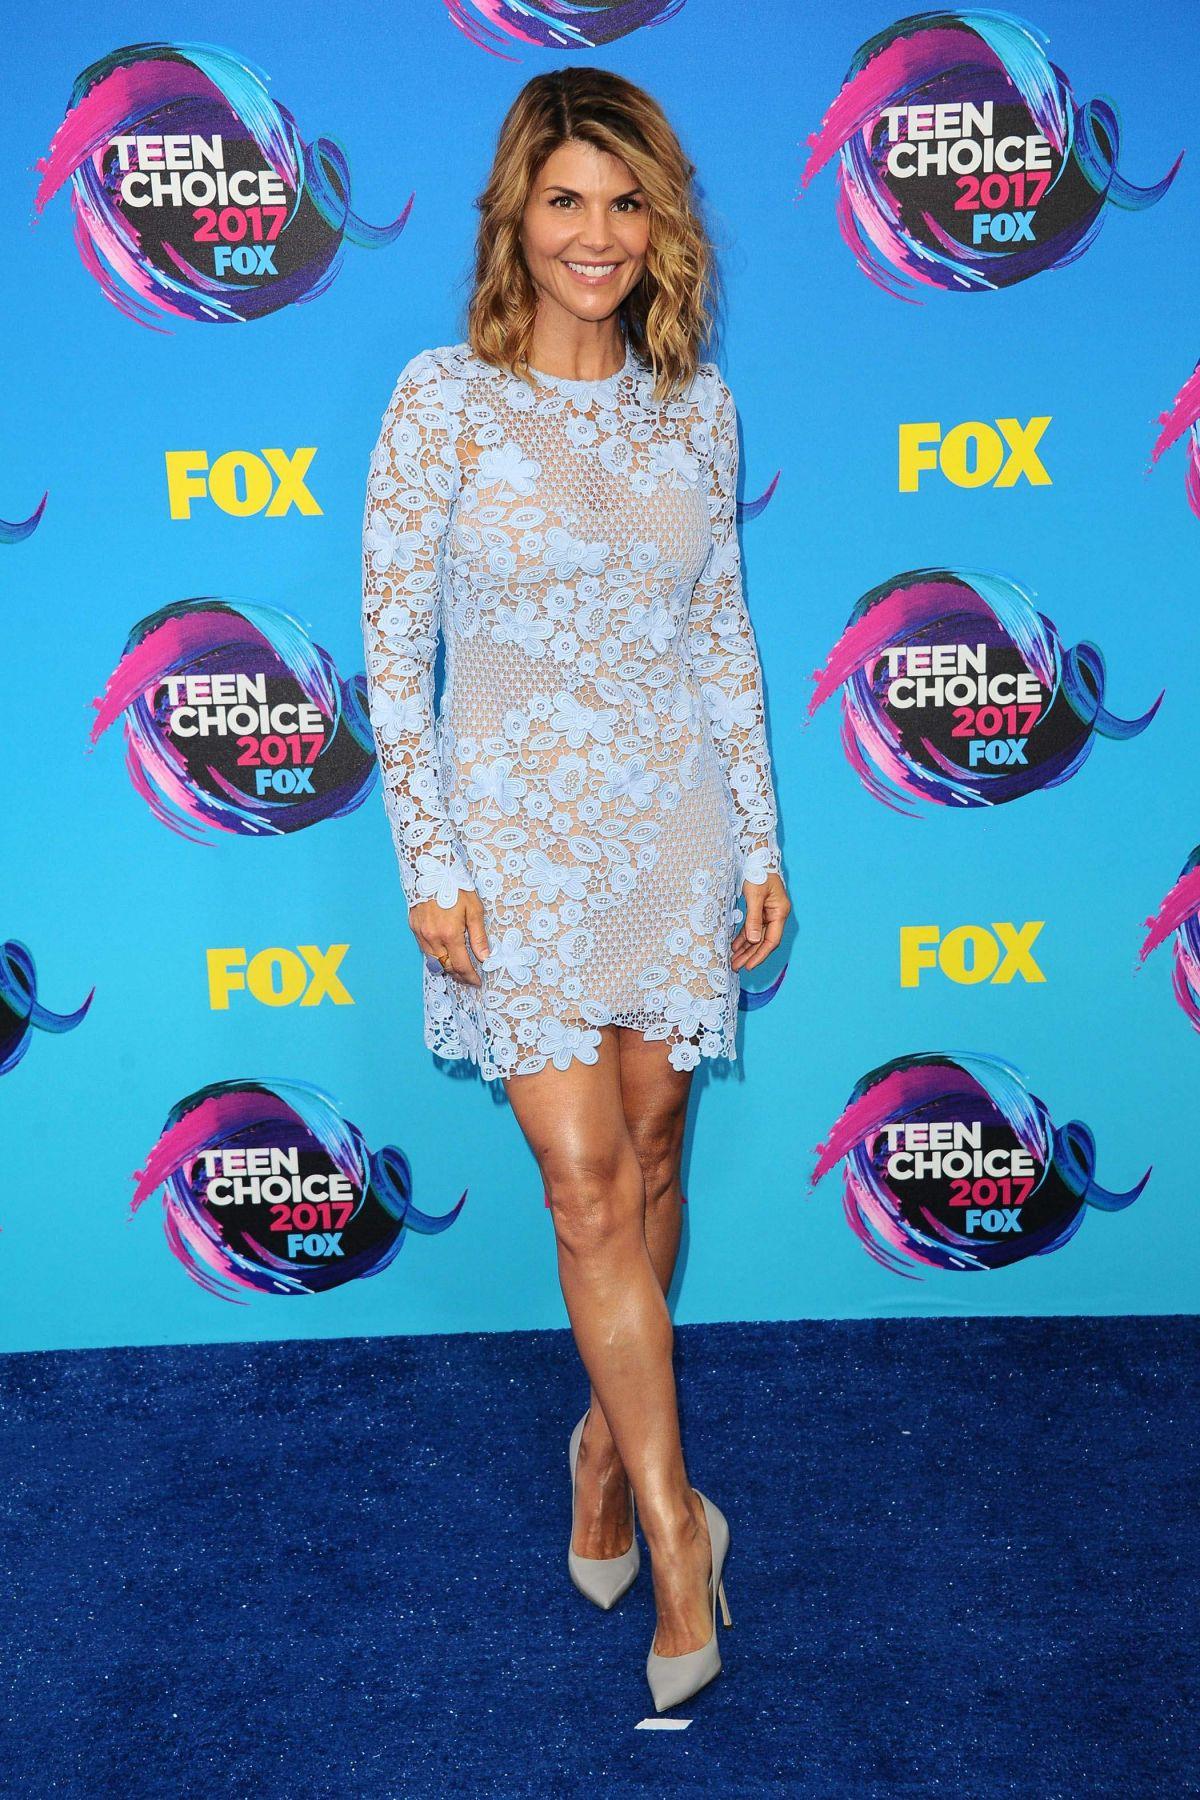 LORI LOUGHLIN at Teen Choice Awards 2017 in Los Angeles 08/13/2017